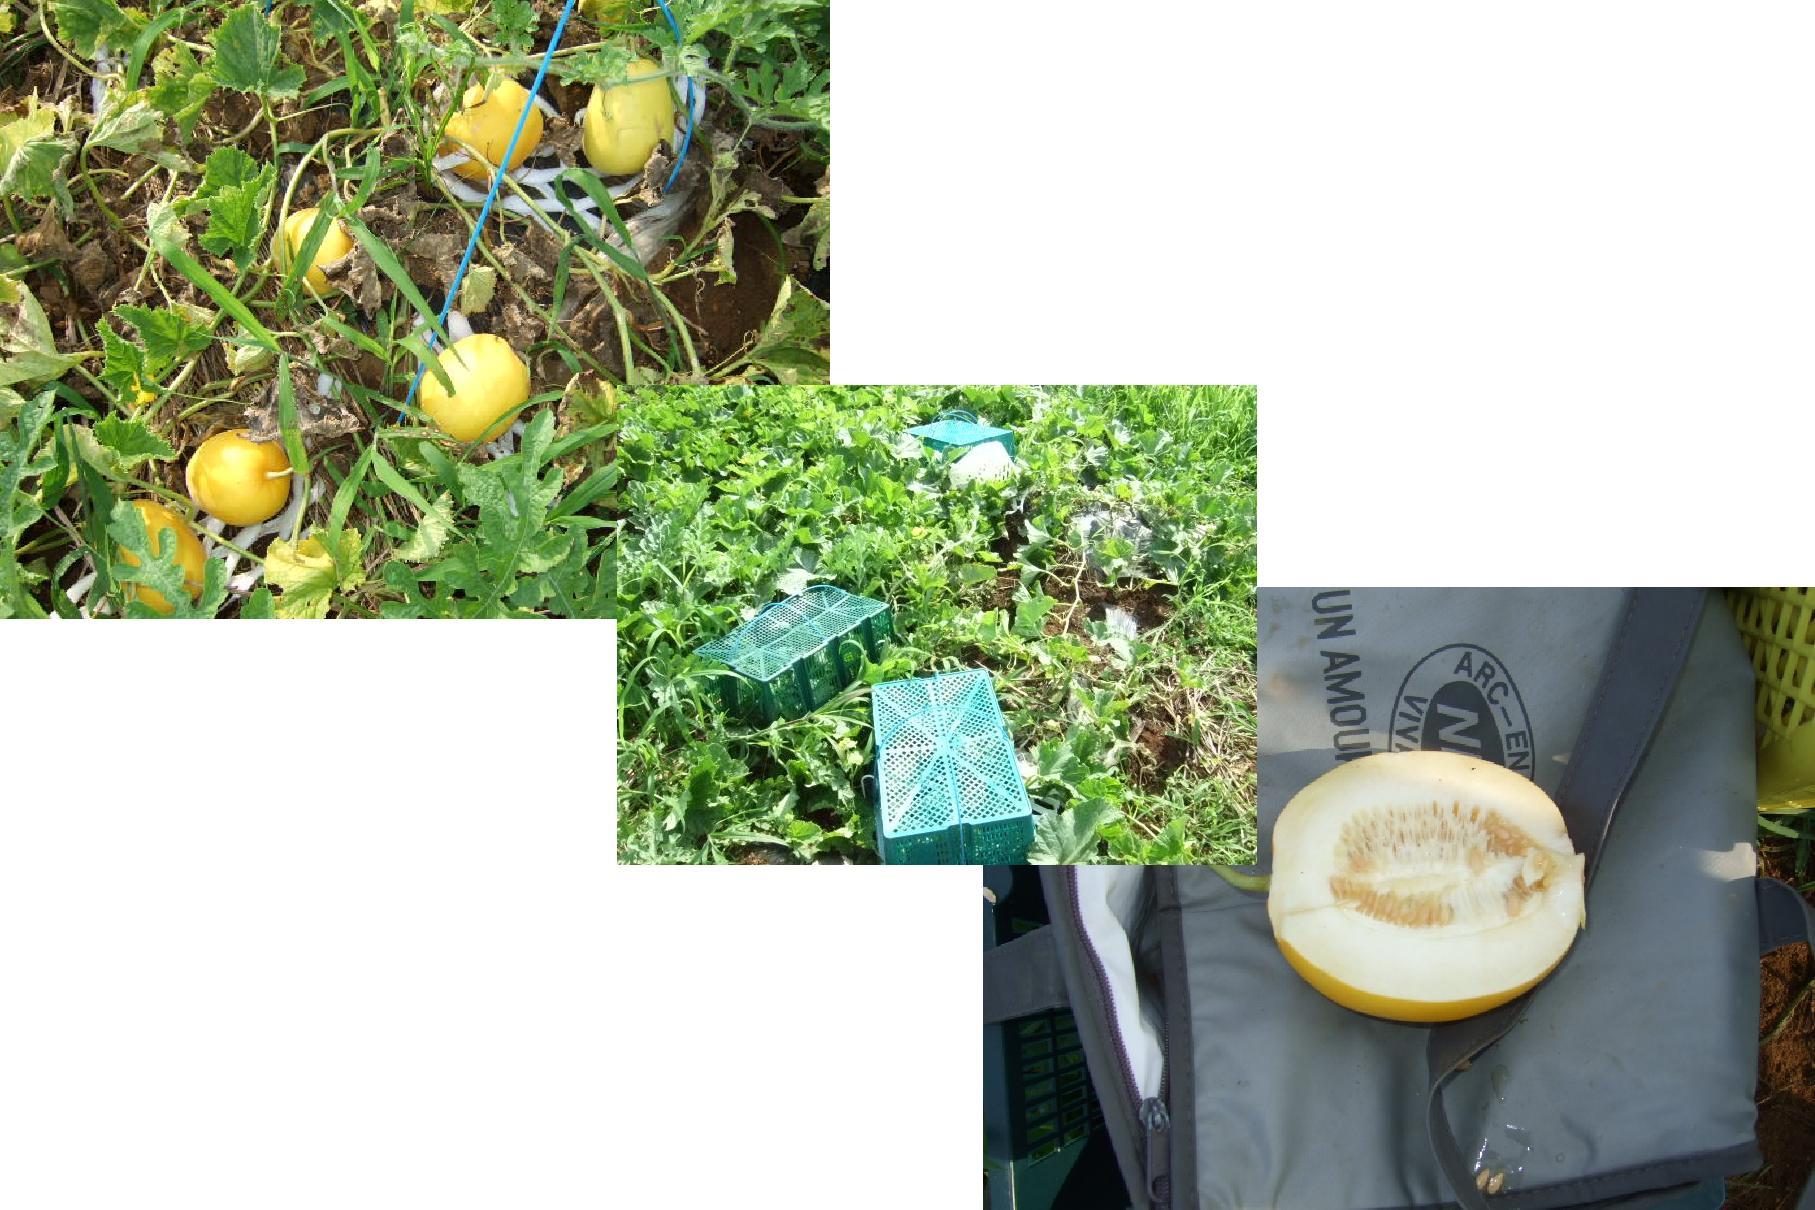 とうもろこし&スイカを無事に収穫したい!_b0137932_19495160.jpg